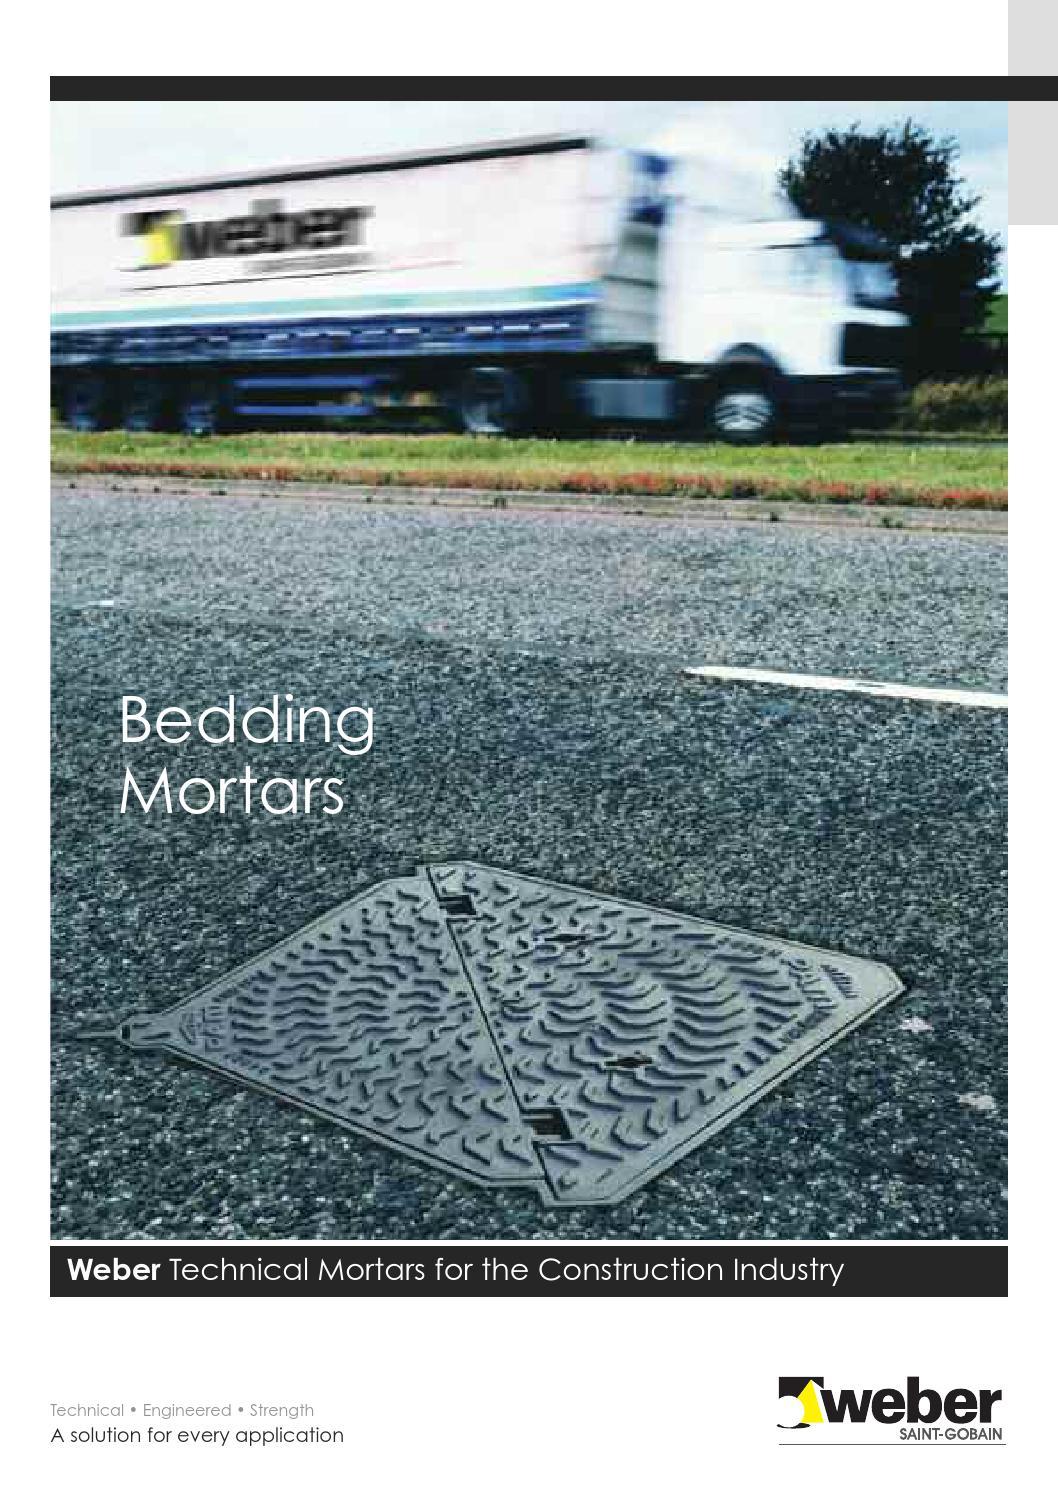 bedding mortars guide by weber issuu. Black Bedroom Furniture Sets. Home Design Ideas